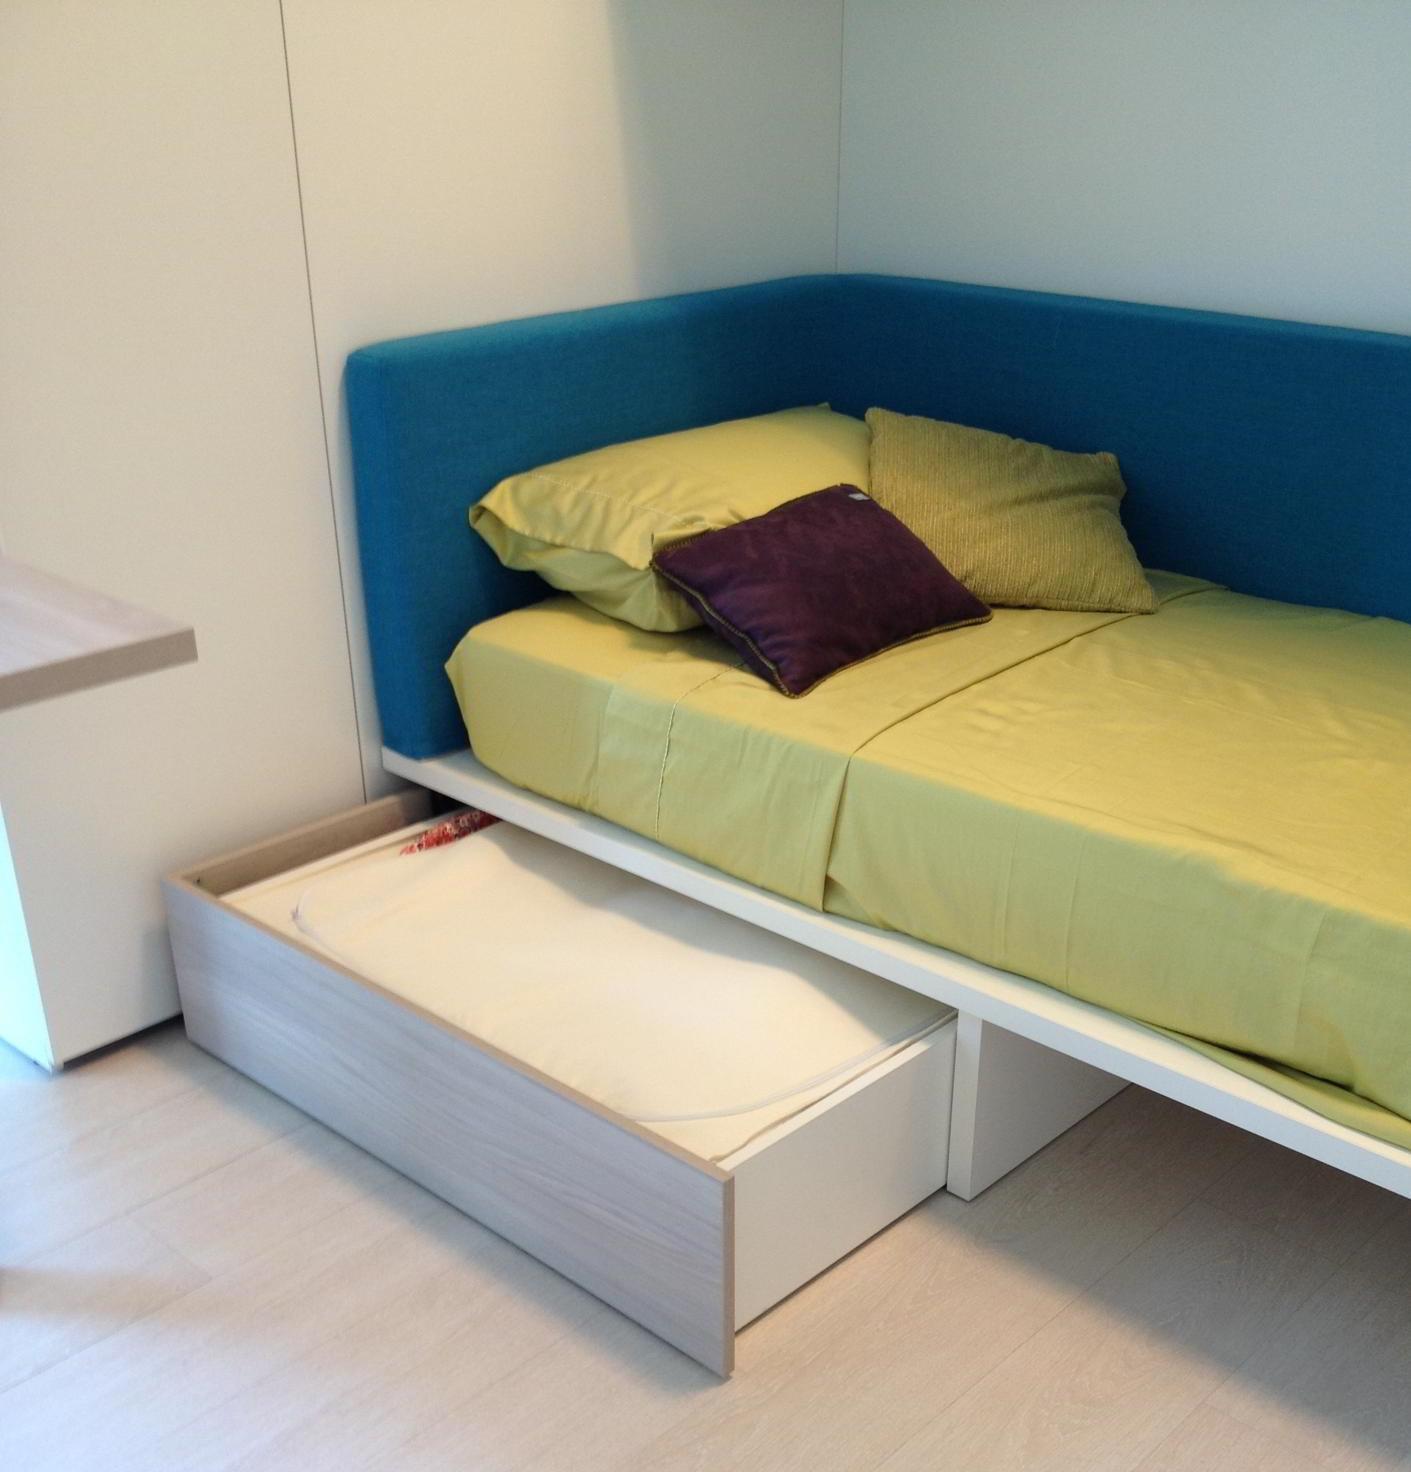 Cameretta dielle con cabina x cab e letto con cassettone - Letto con cassettone prezzi ...